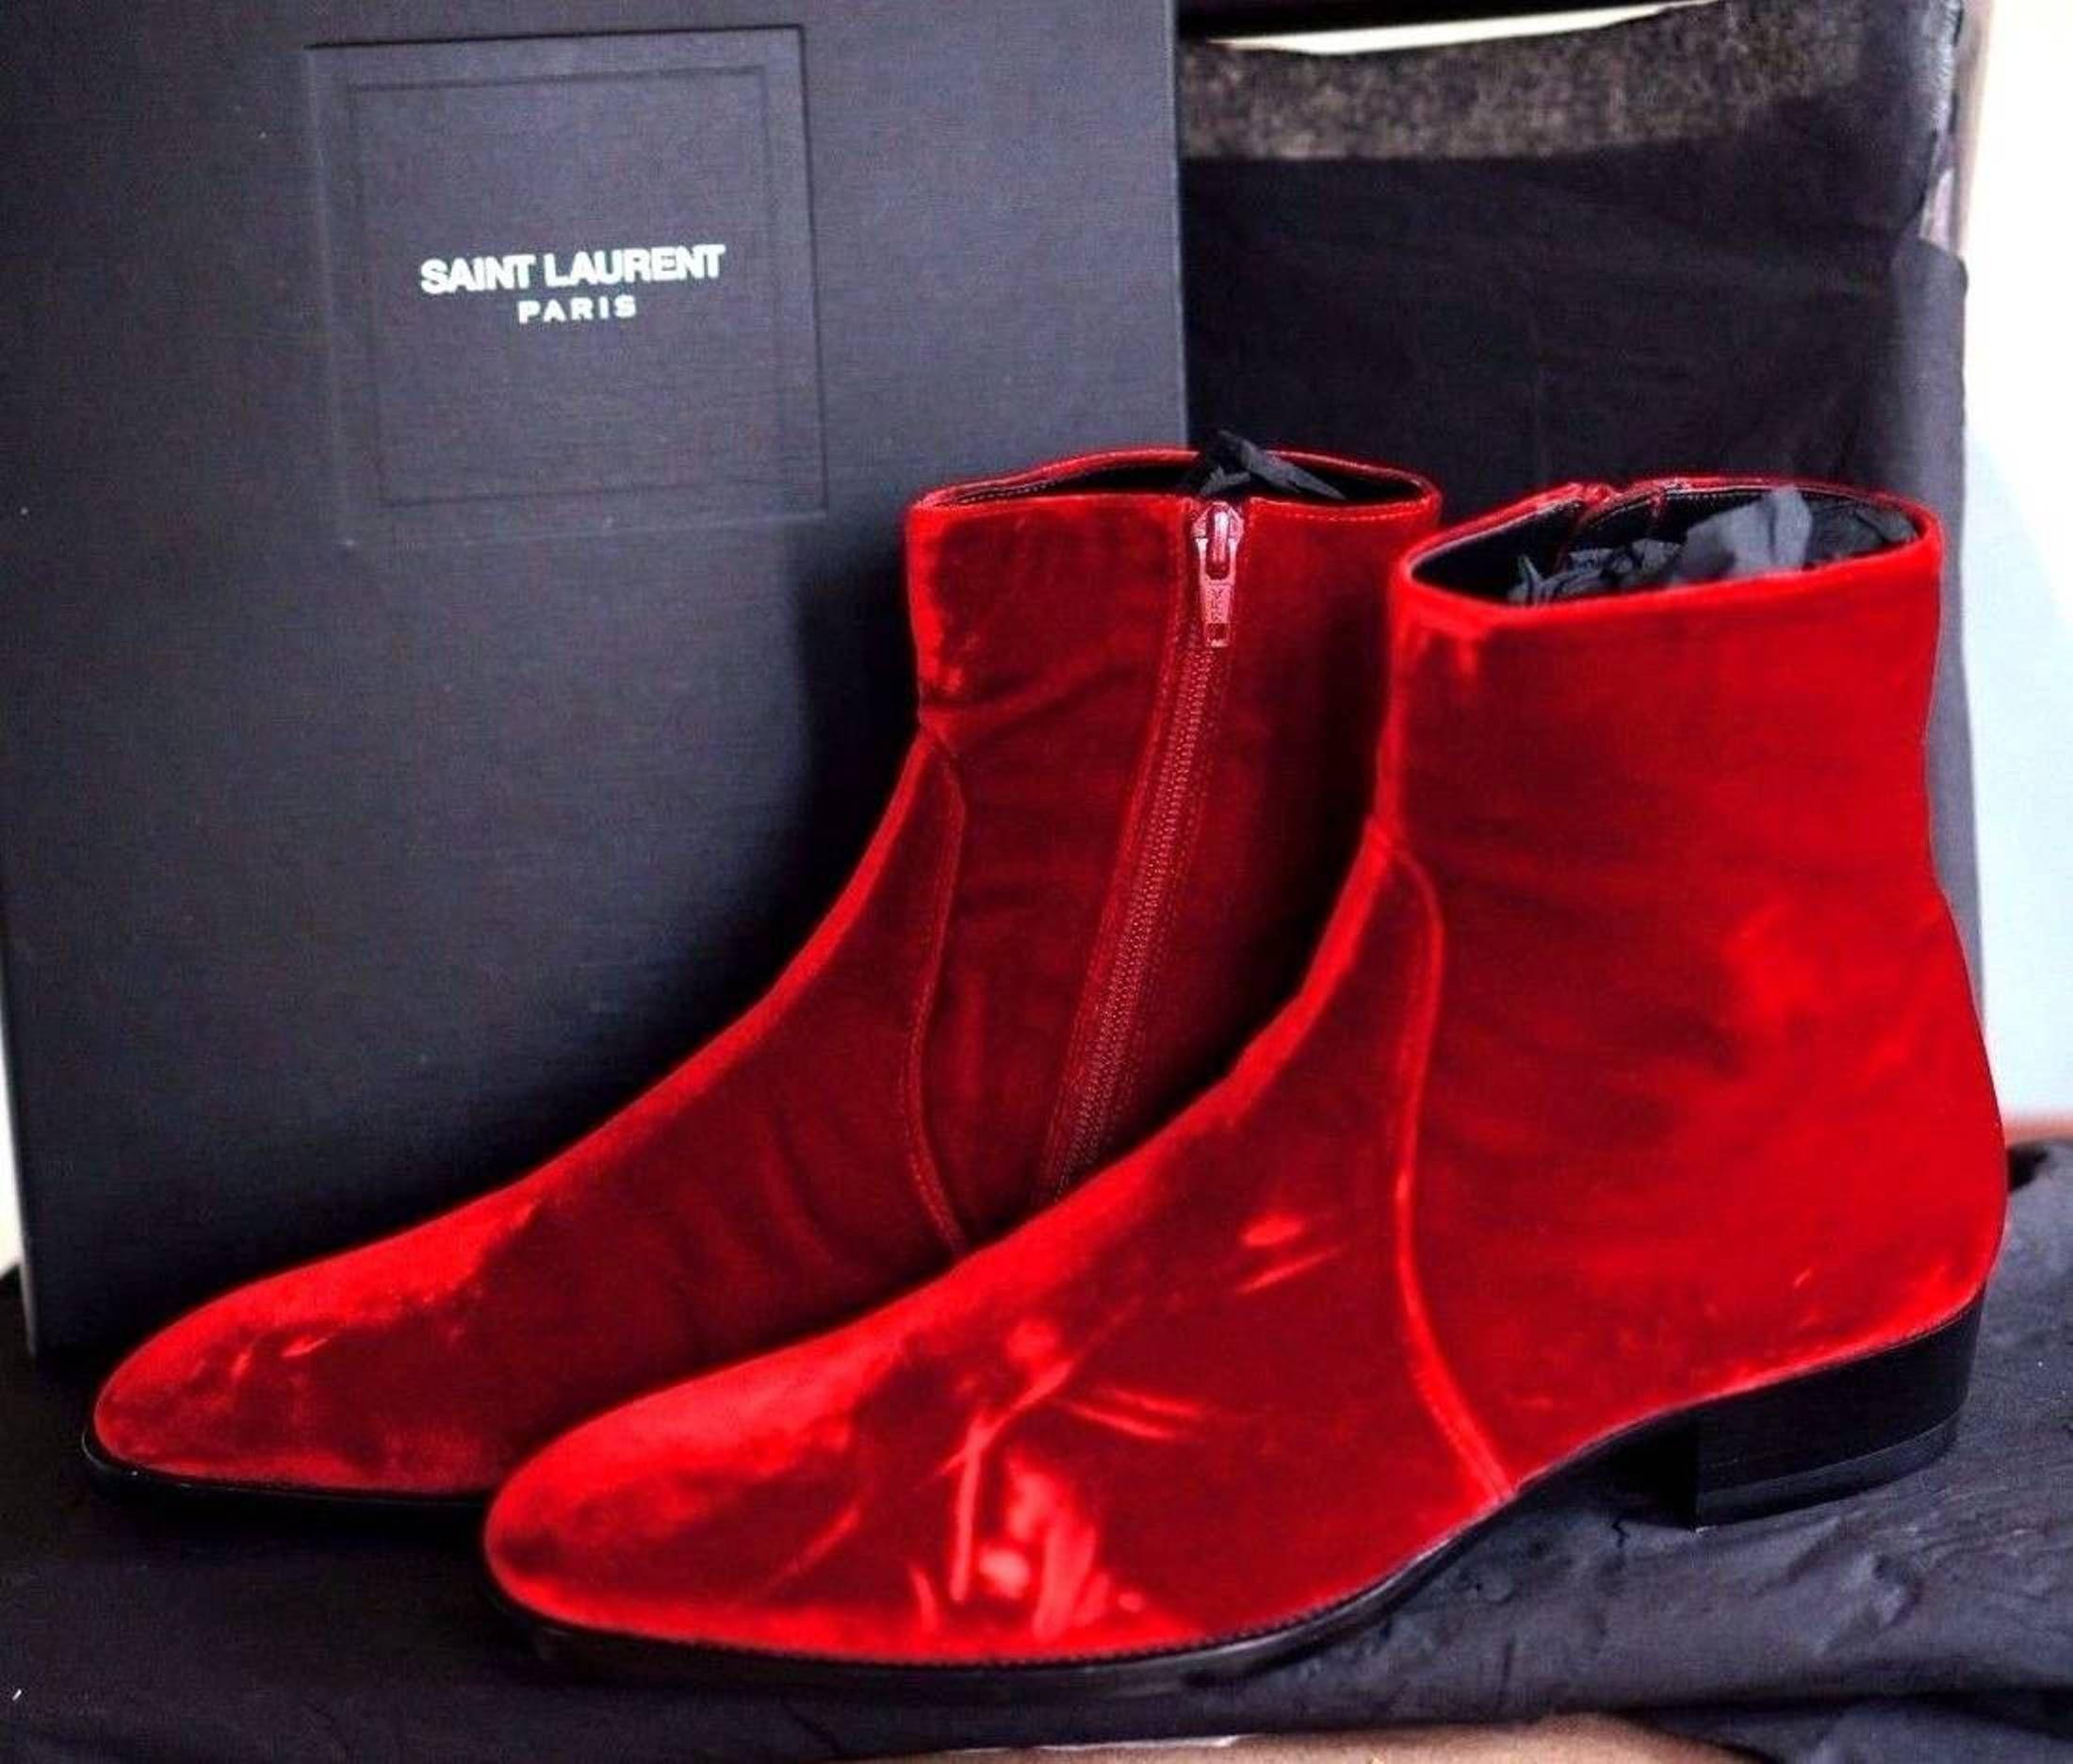 81bf464df0d Saint Laurent Paris FW16 - Saint Laurent Paris - Hedi Slimane Devon Wyatt  Red Velvet Boots Size 44 - NEW Size US 11 / EU 44